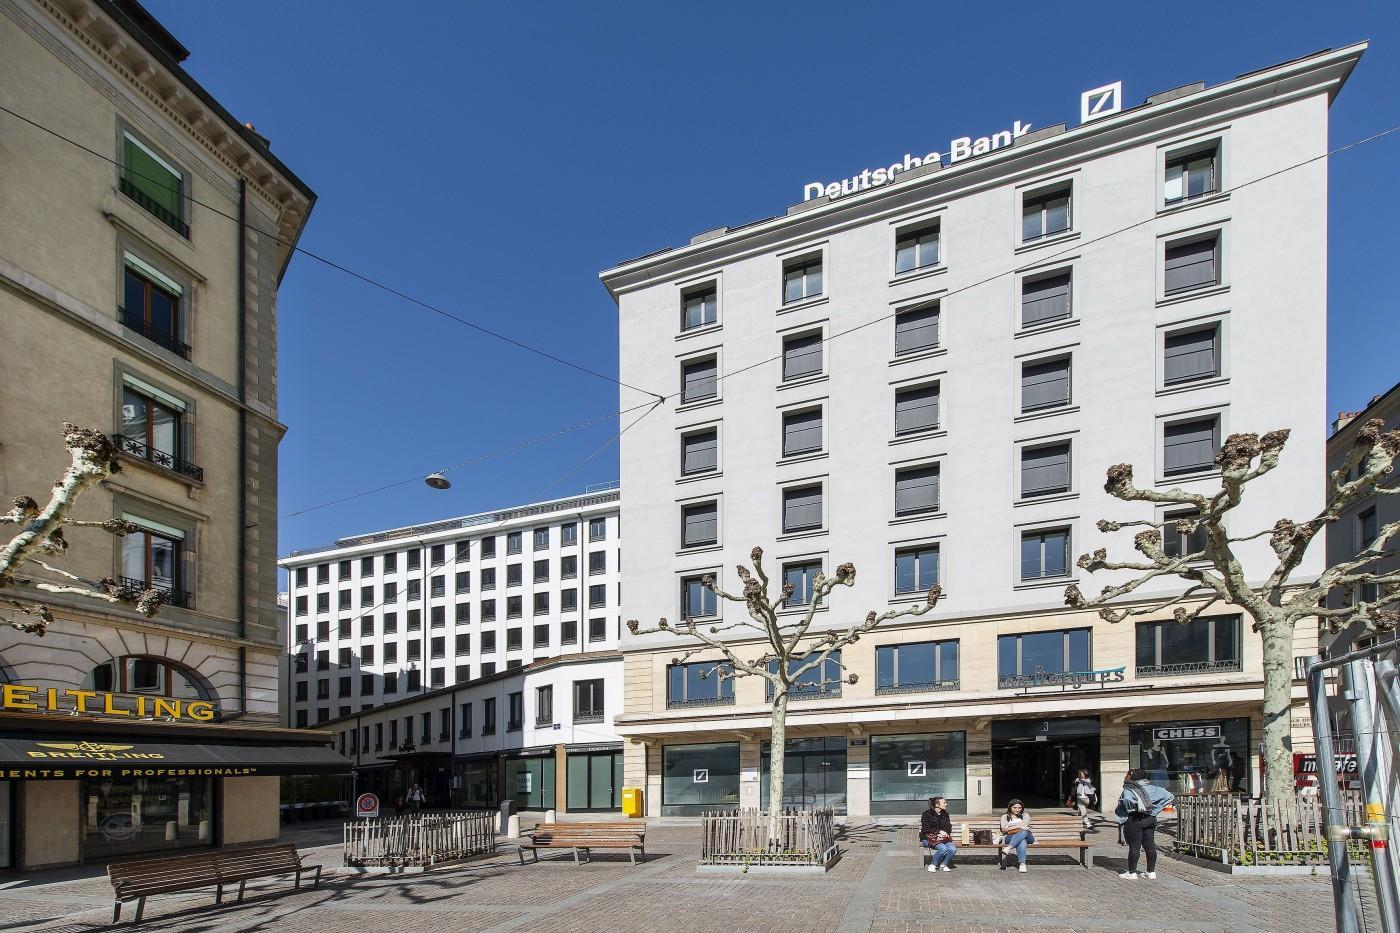 À louer : Parking couvert Genève - Ref : 23323 | Naef Immobilier